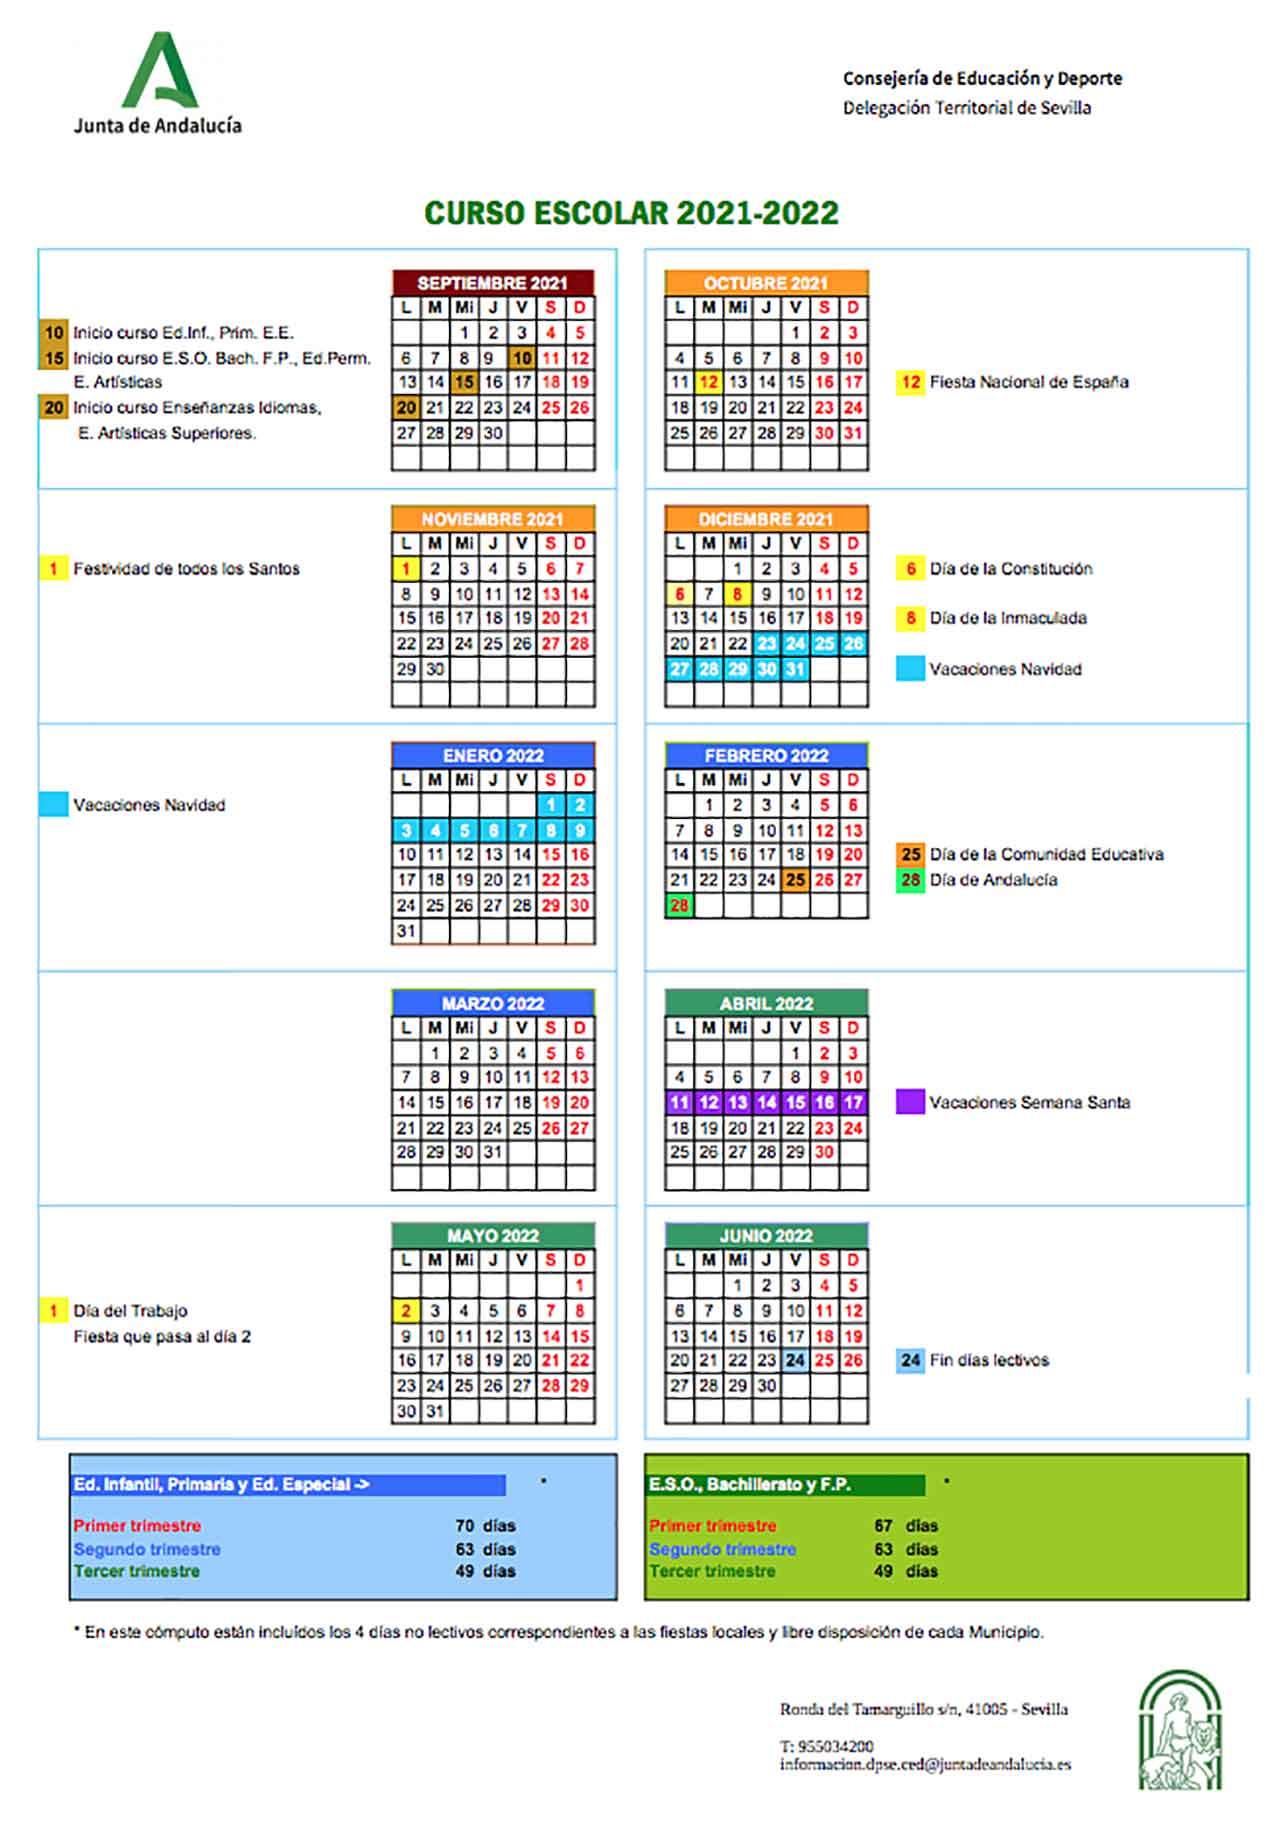 Calendario escolar Sevilla 2021-2022